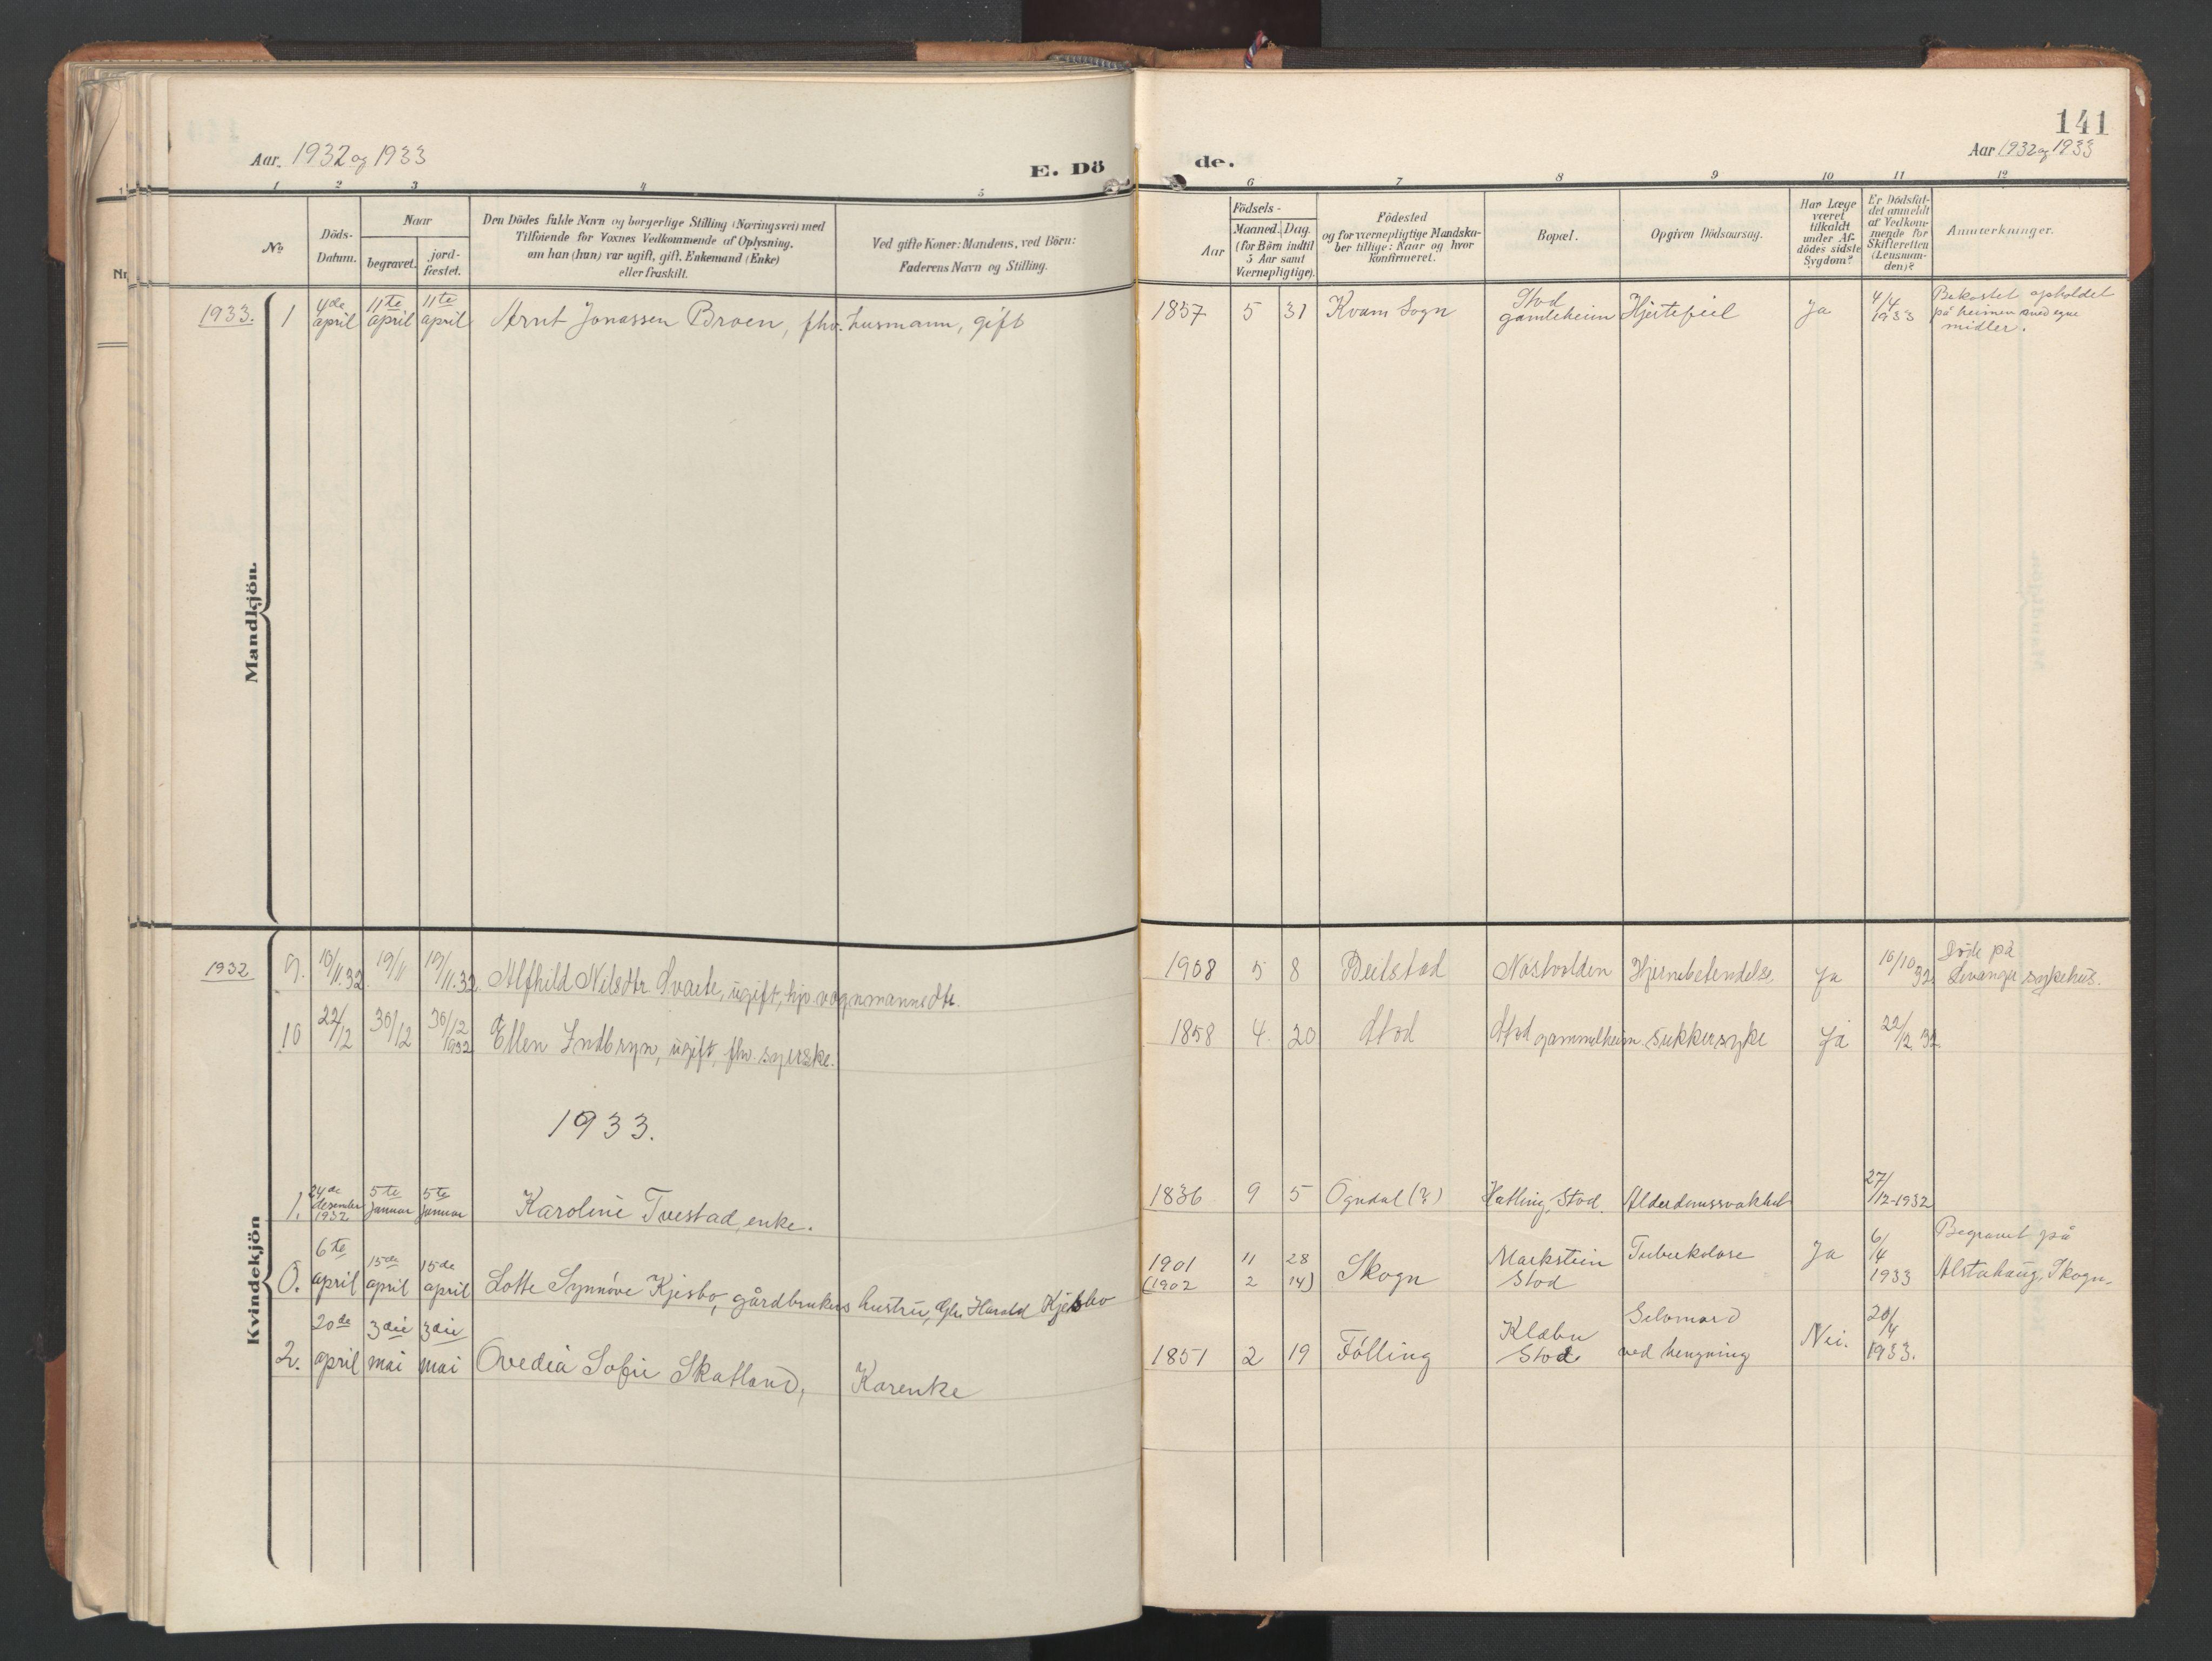 SAT, Ministerialprotokoller, klokkerbøker og fødselsregistre - Nord-Trøndelag, 746/L0455: Klokkerbok nr. 746C01, 1908-1933, s. 141